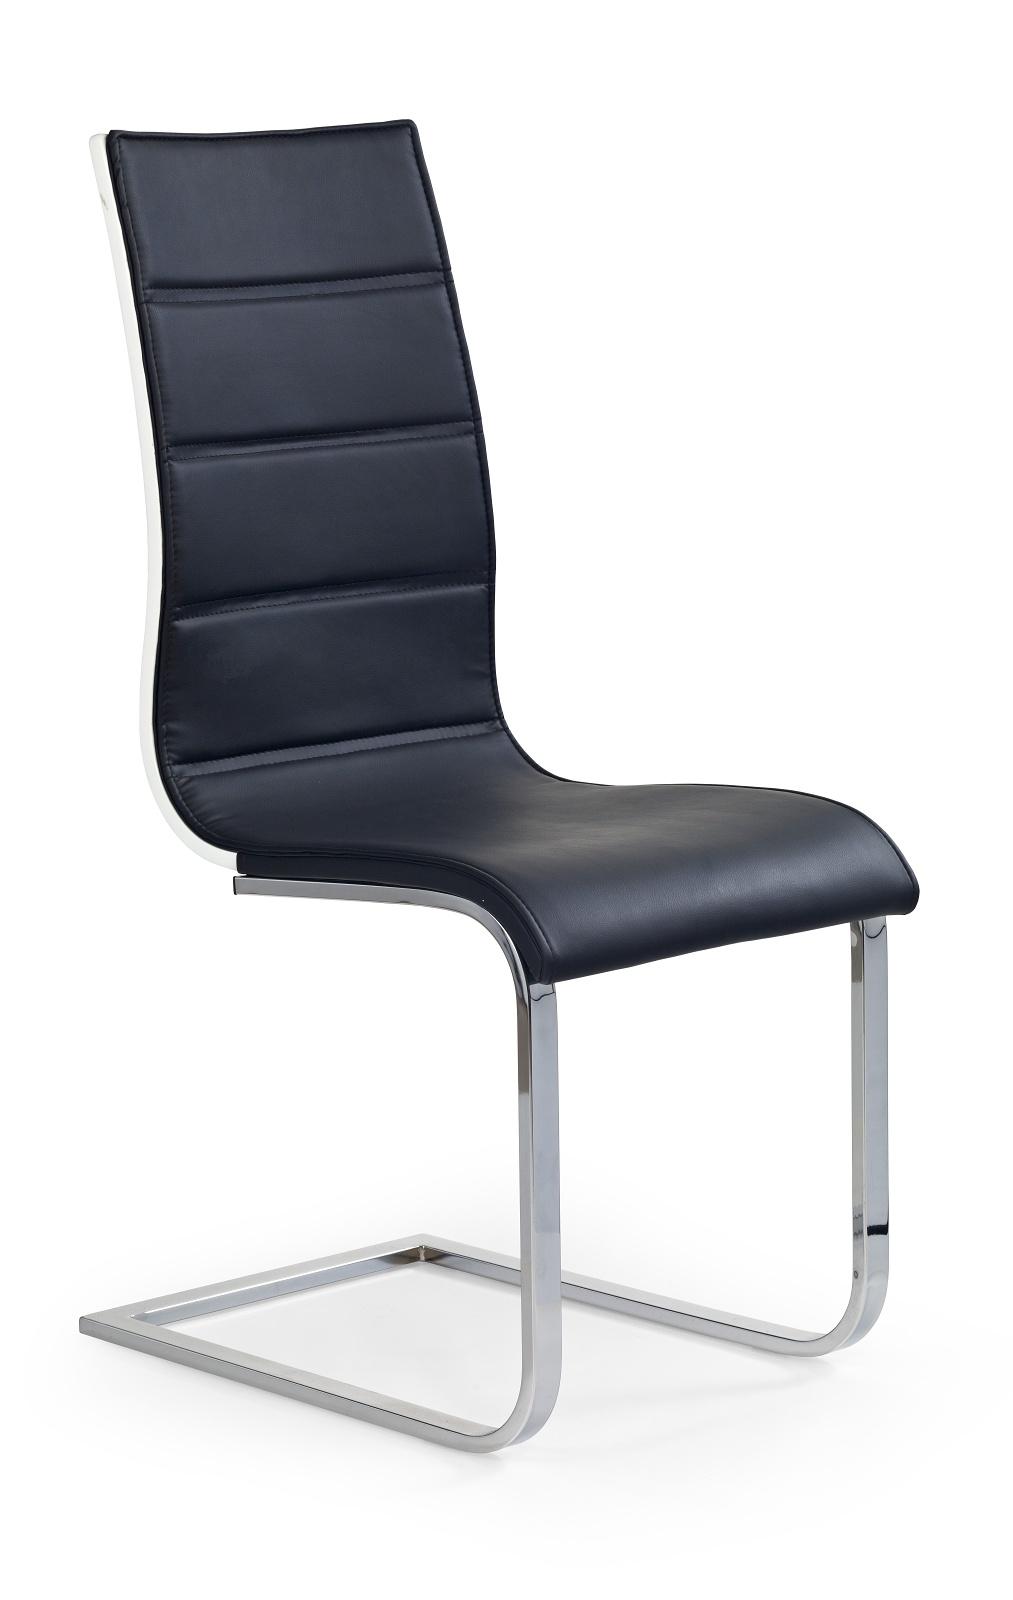 Jídelní židle - Halmar - K104 černá + bílá